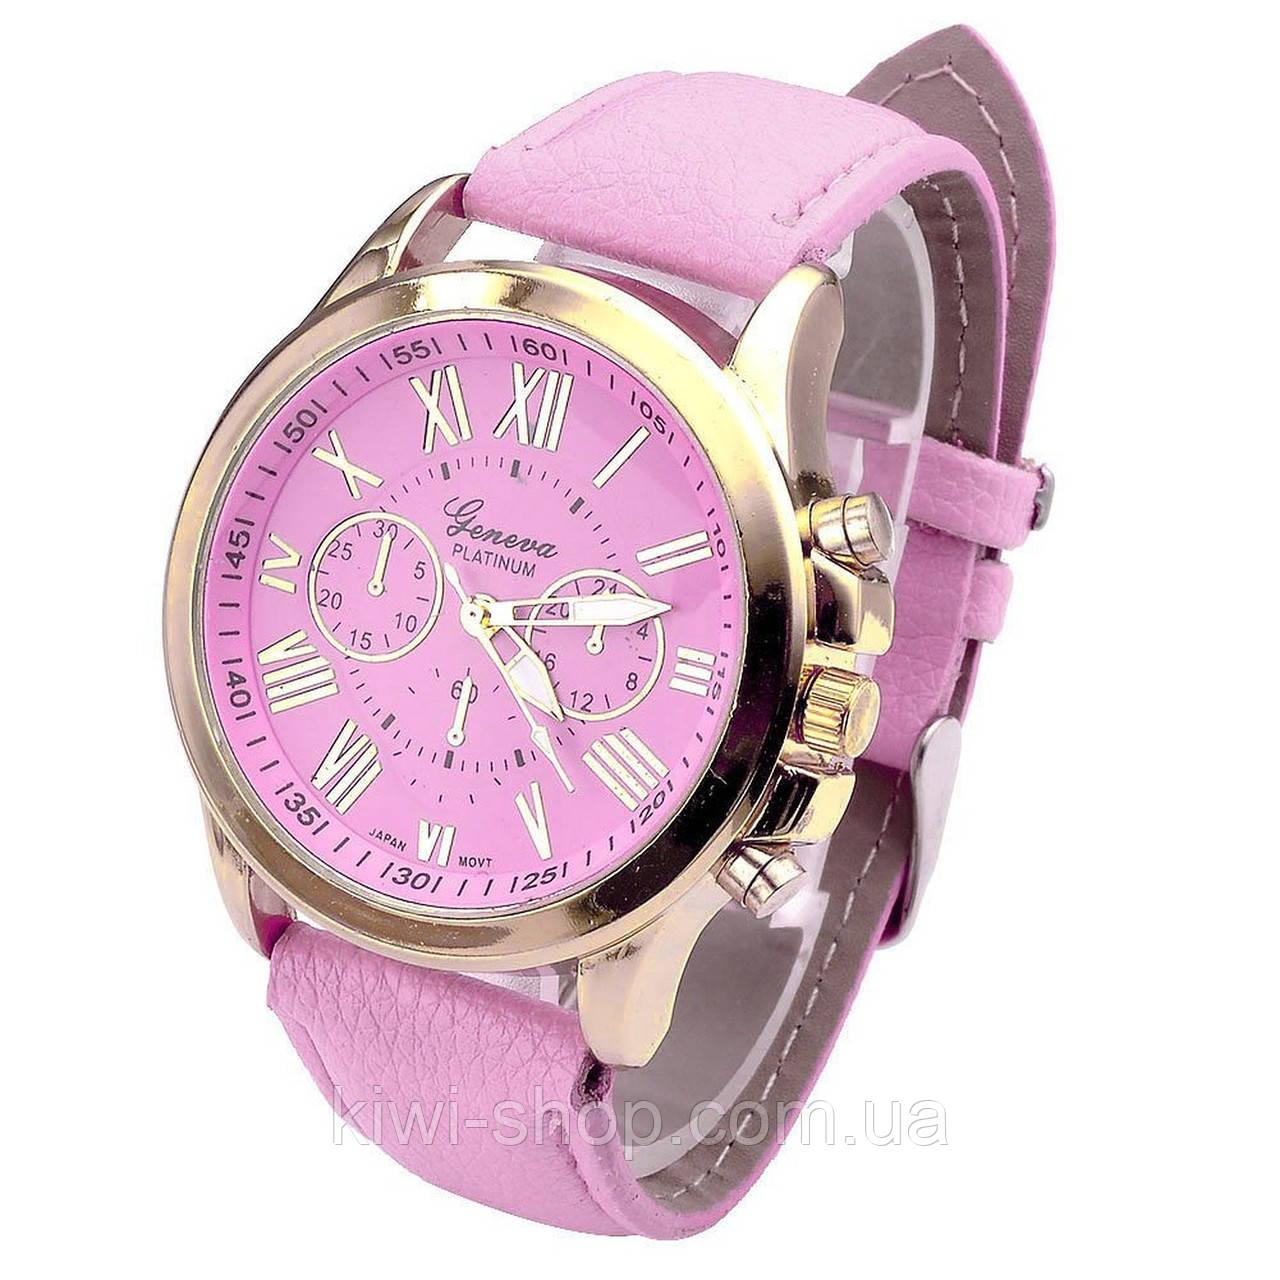 b41c5821 Женские наручные часы